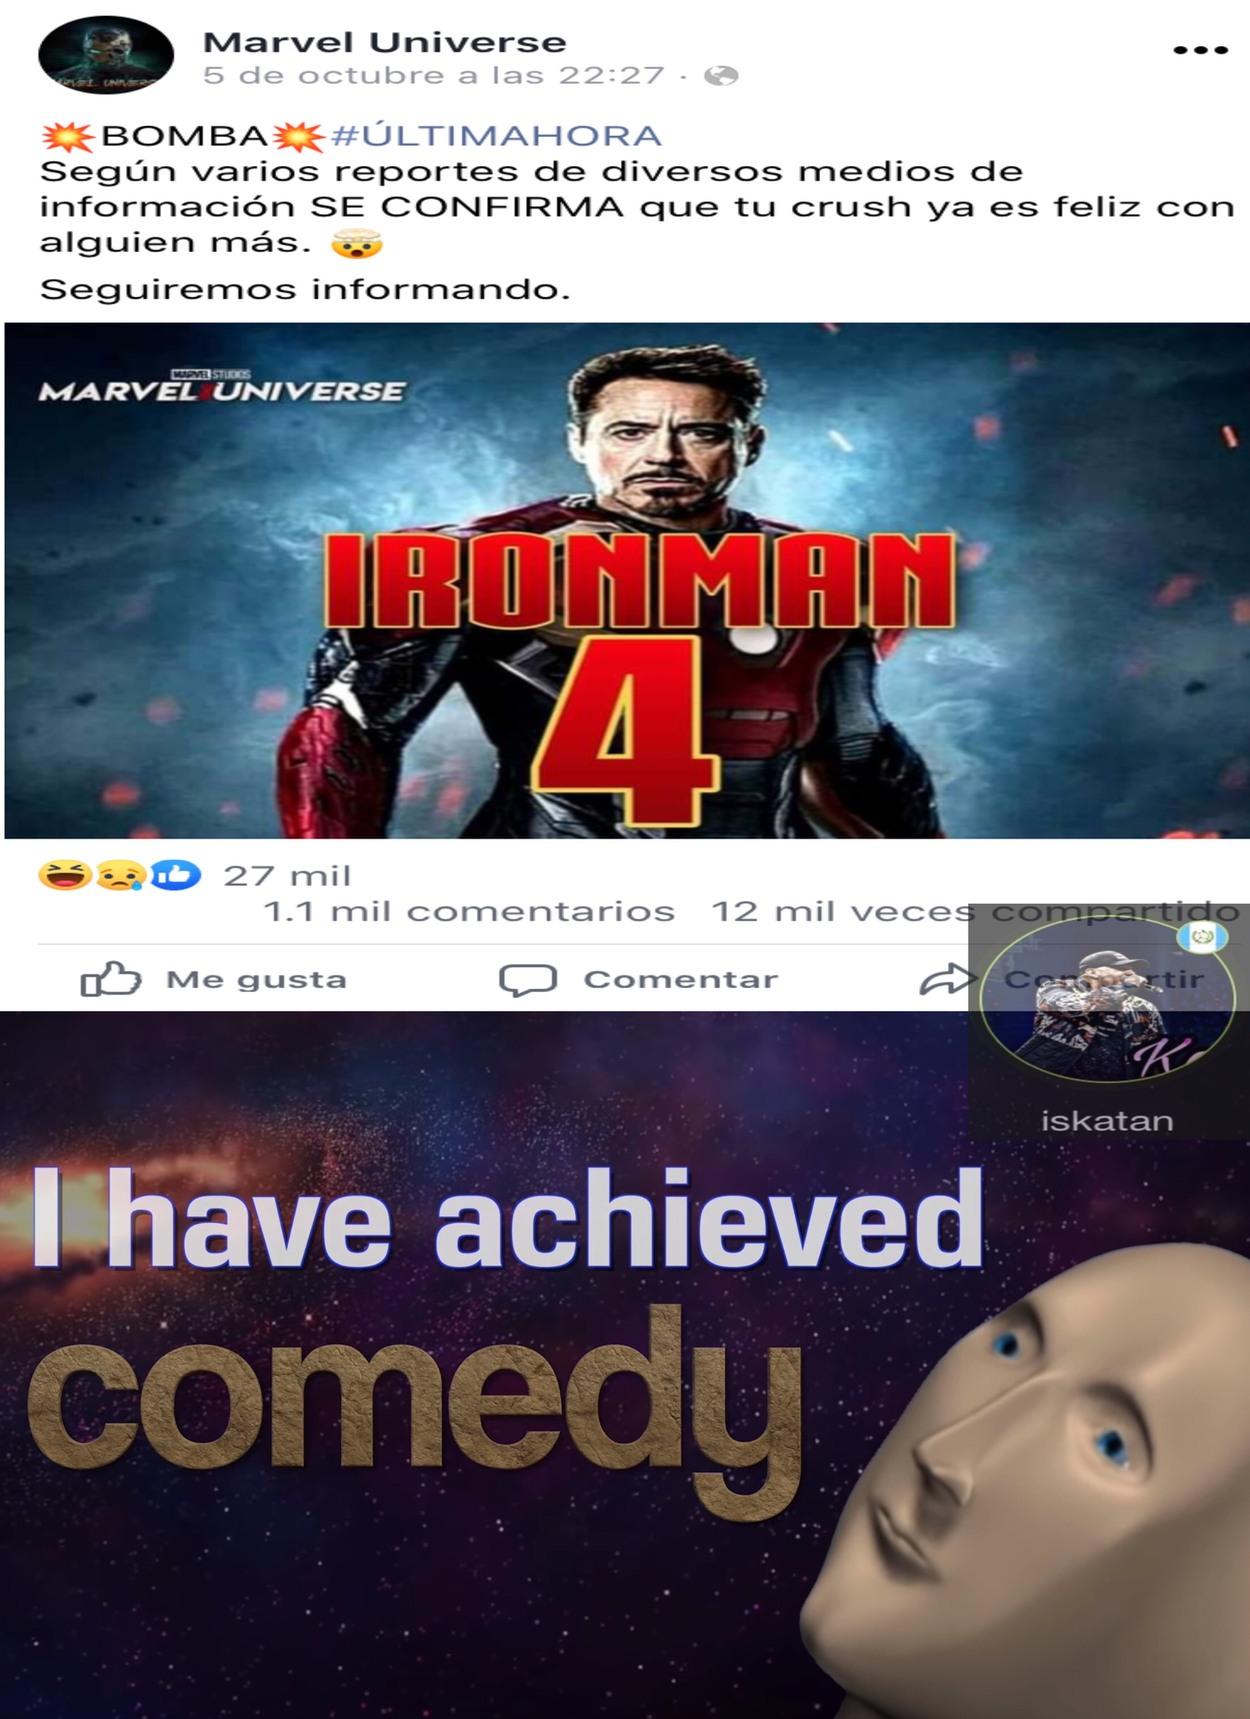 Este hijuelagranputa salió graciosito - meme